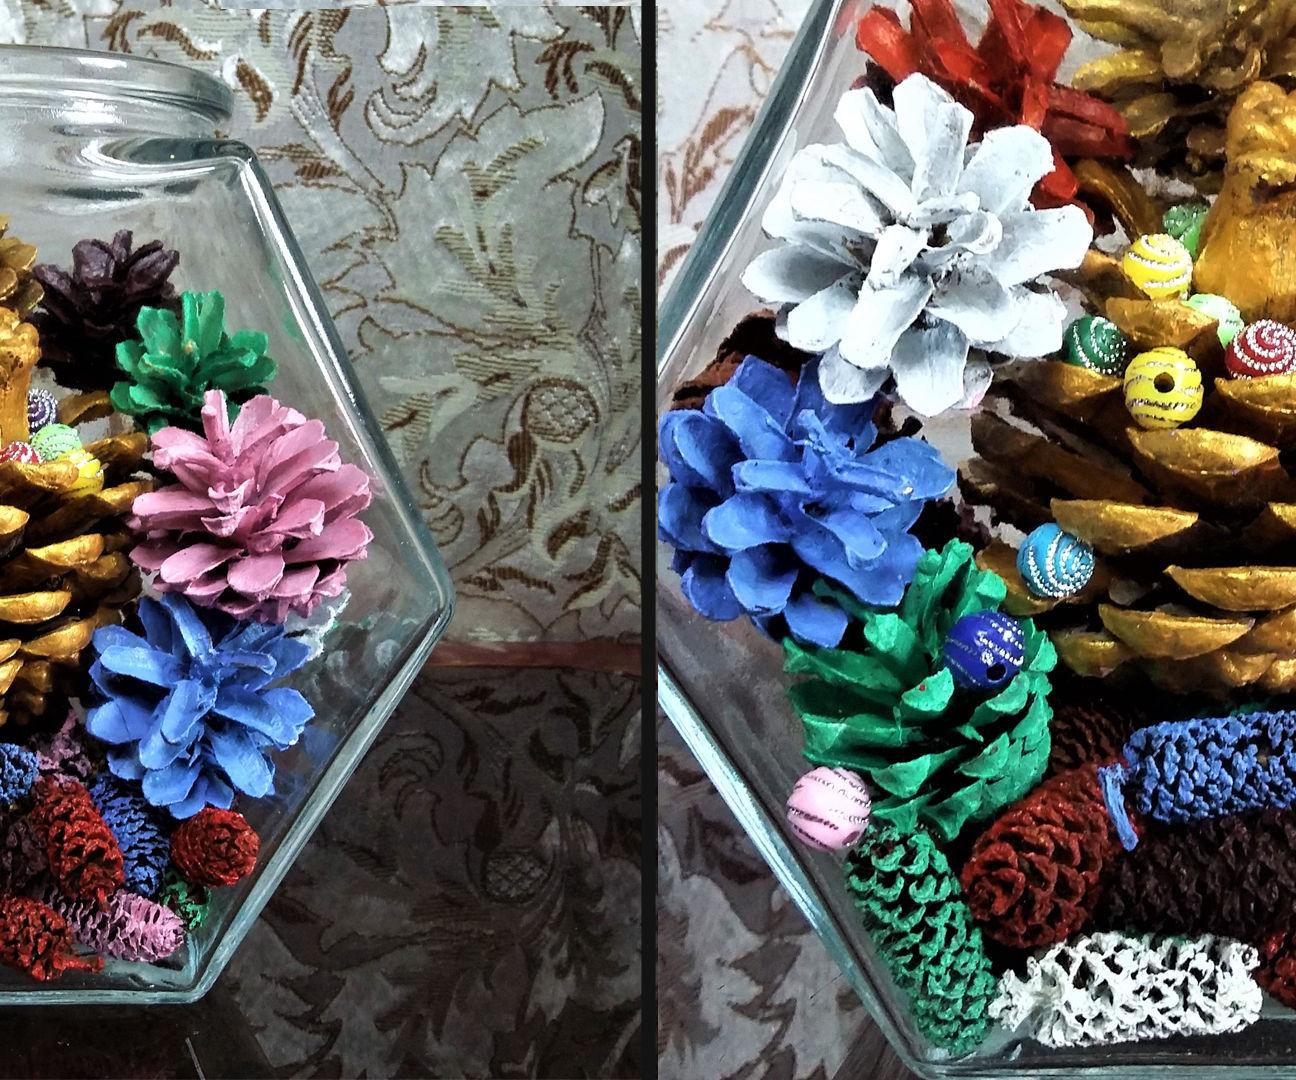 How to Make Multi Colors Pine Cone Terrarium| Pine Cone Diorama|5 Minutes Craft